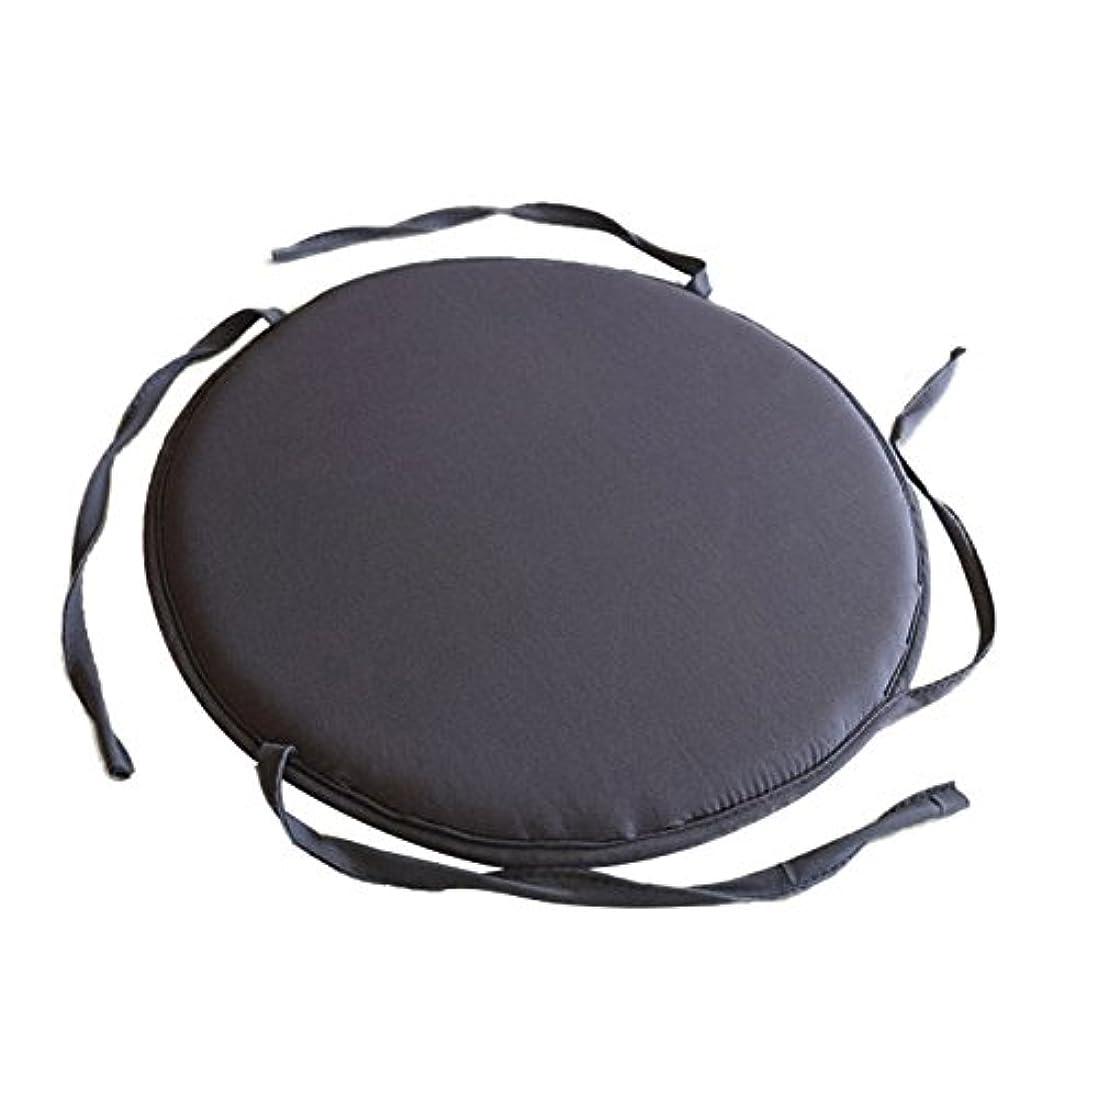 代わりにを立てるスラッシュ意味のある超通気 涼しい 通気性 洗える 座布団 低反発 クッション 丸型クッション オフィス用クッション35*35cm,ダークグレー